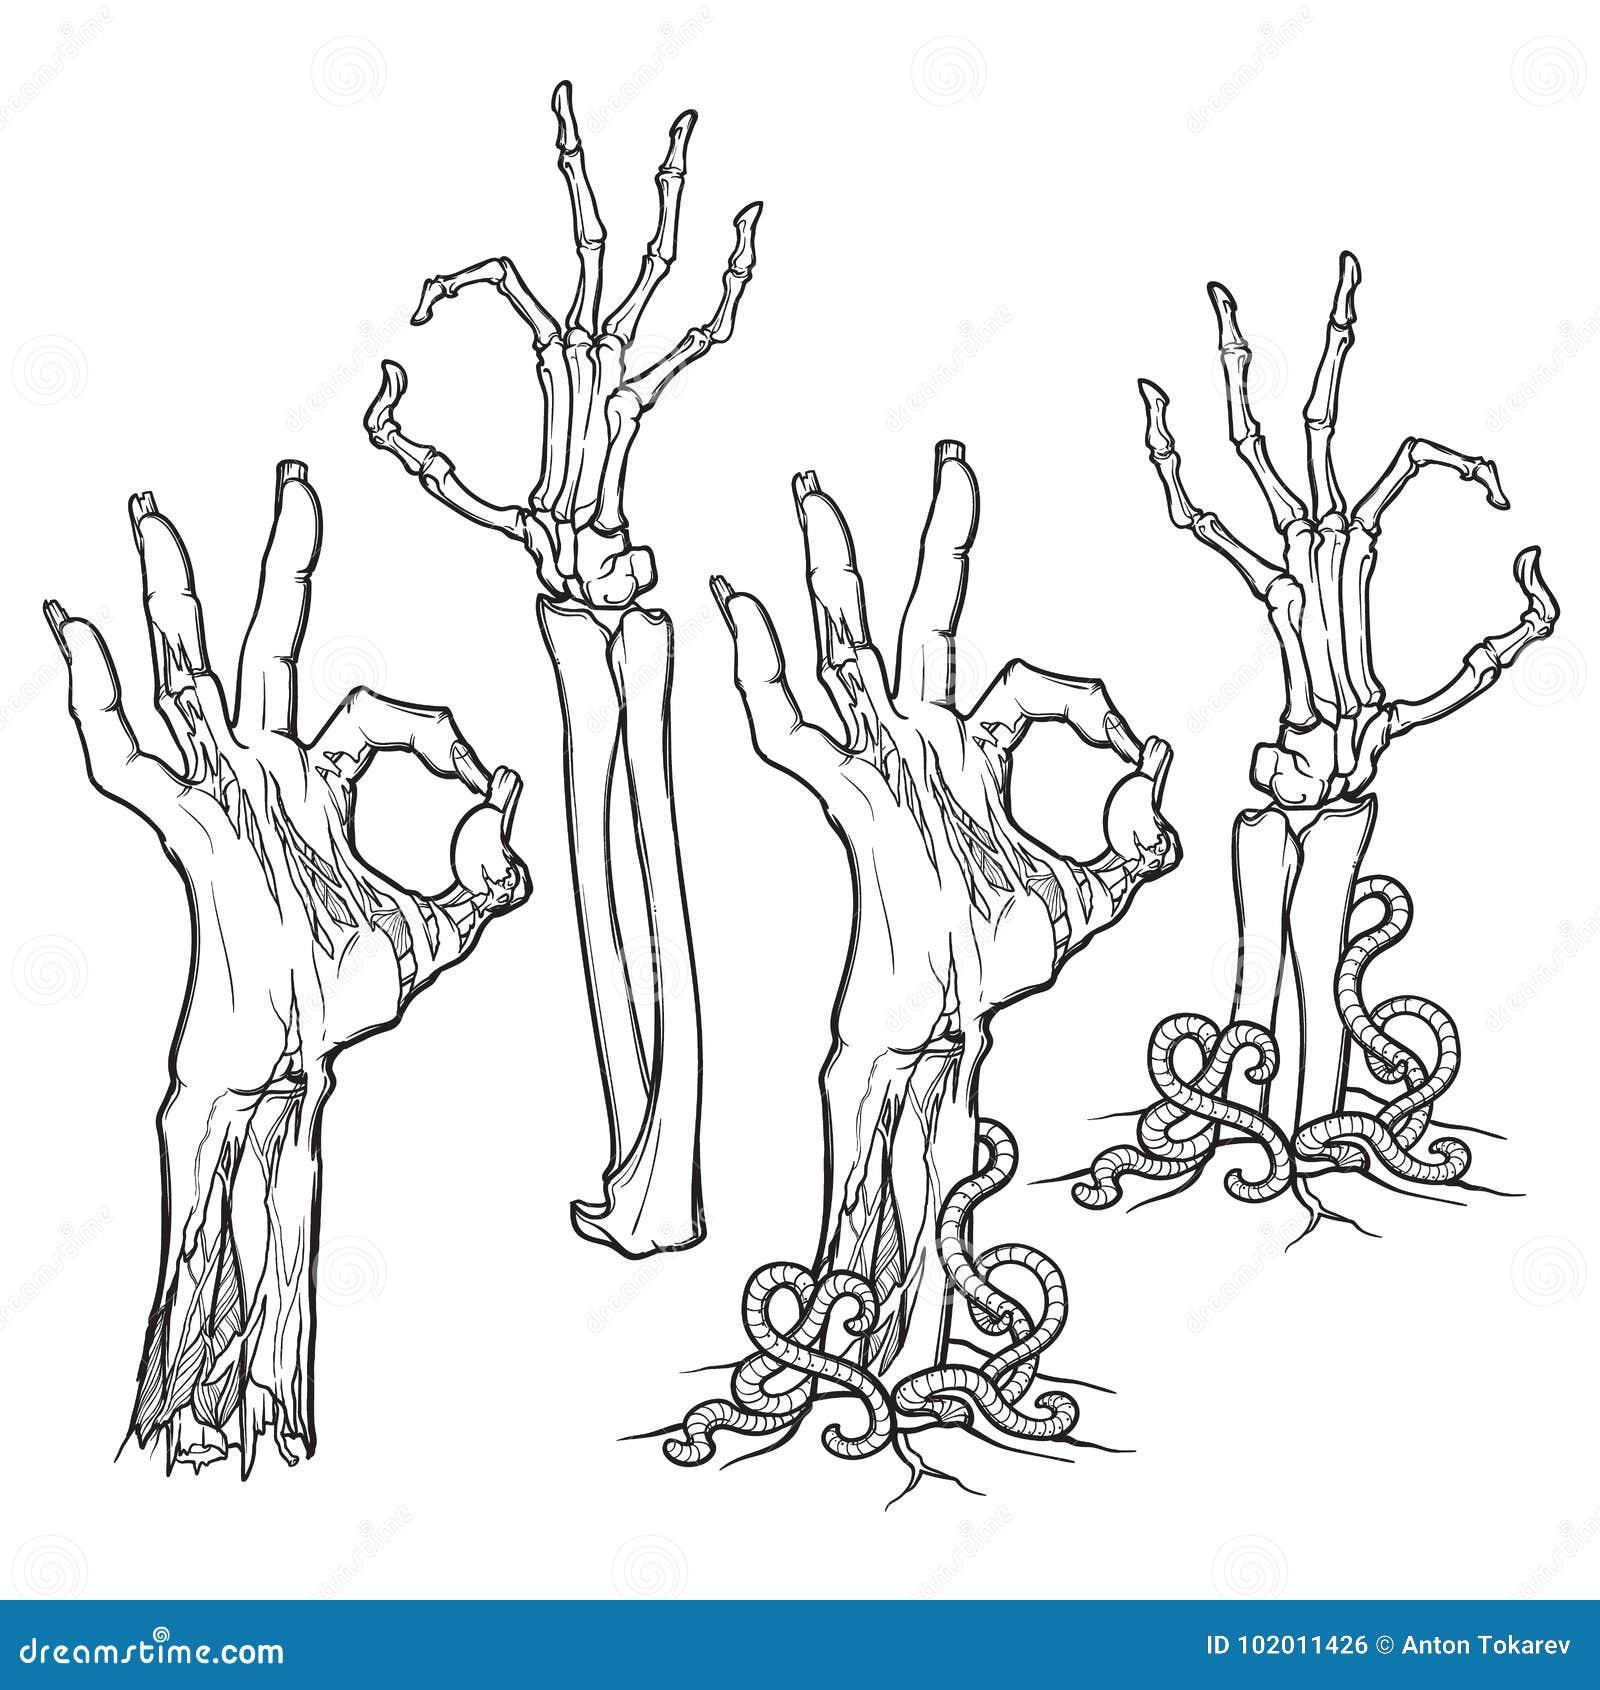 Levande dödkroppsspråk hand isolerad ok teckenwhitekvinna naturtrogen återgivning av ruttna